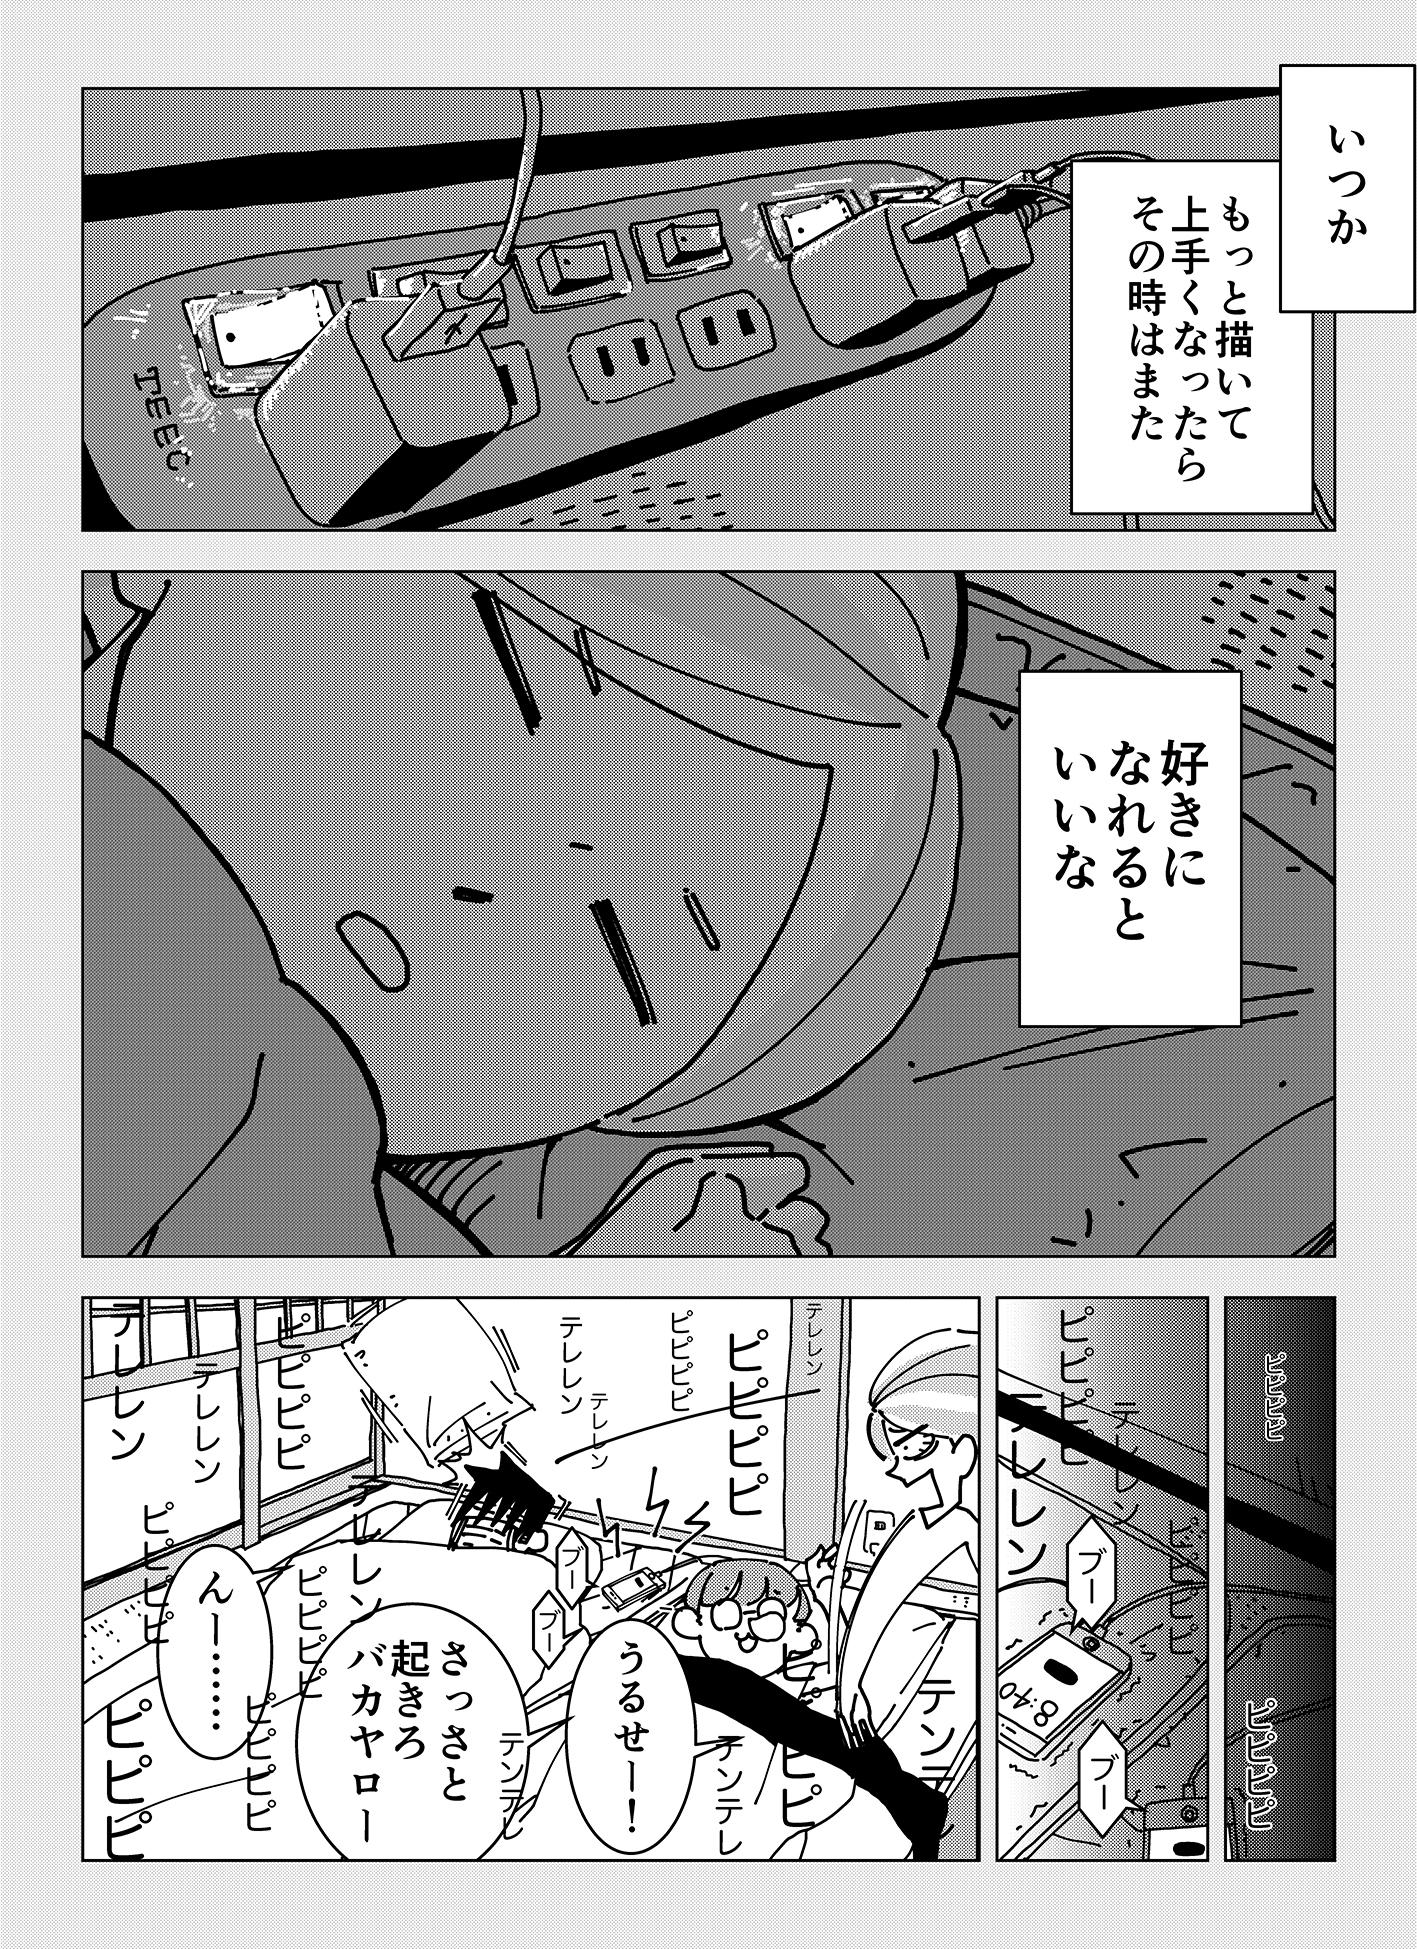 share05_010